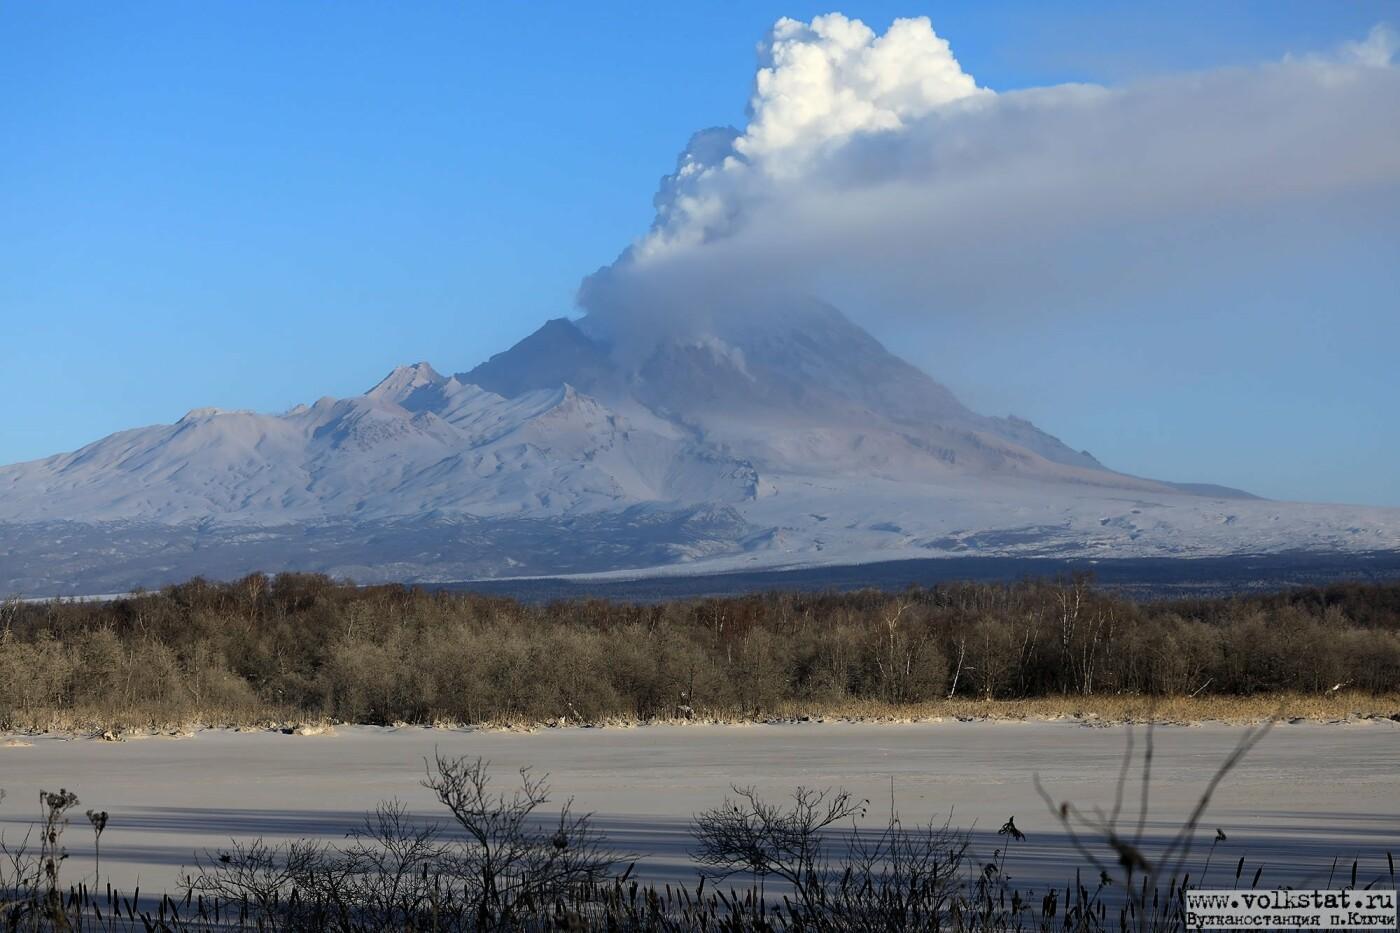 Сильное извержение вулкана может произойти на Камчатке, фото-15